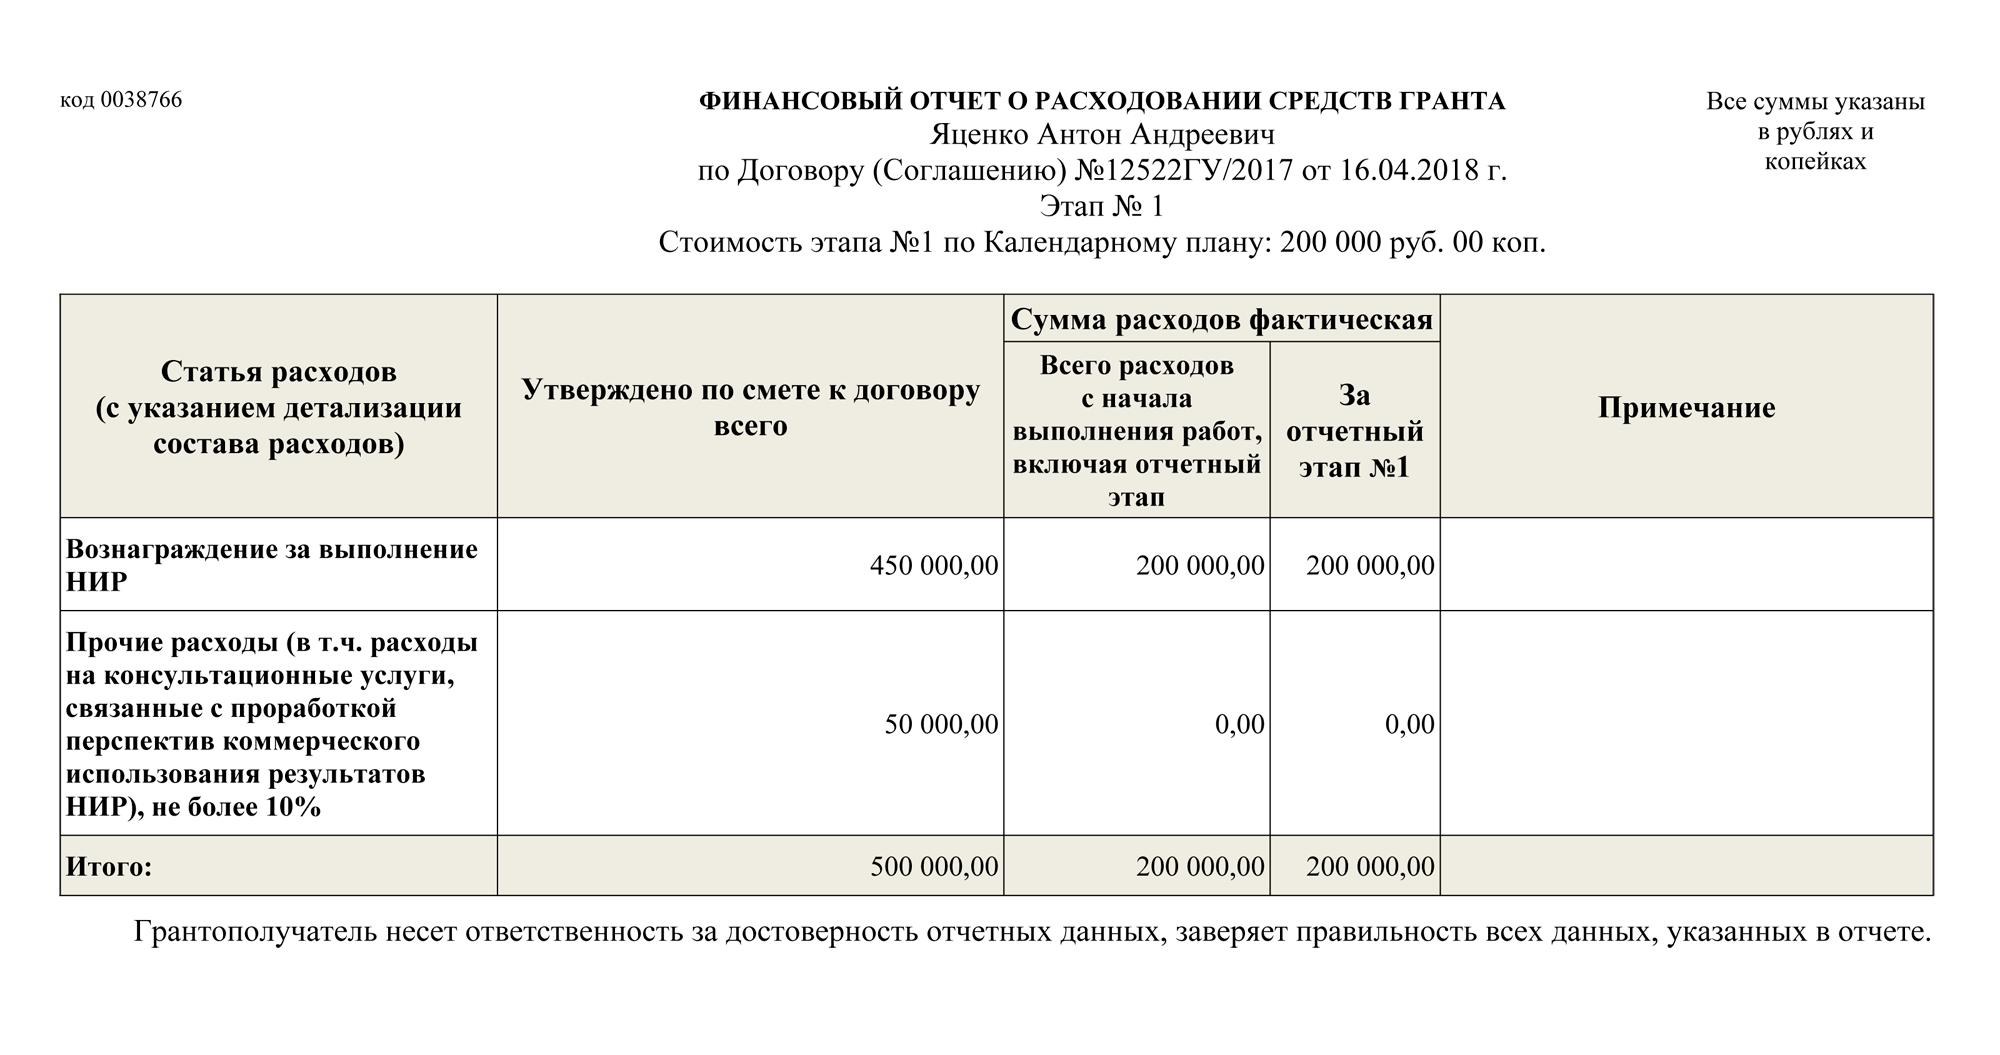 Финансовый отчет за первый год работы просто показывает, сколько денег ученый получил и сколько потратил